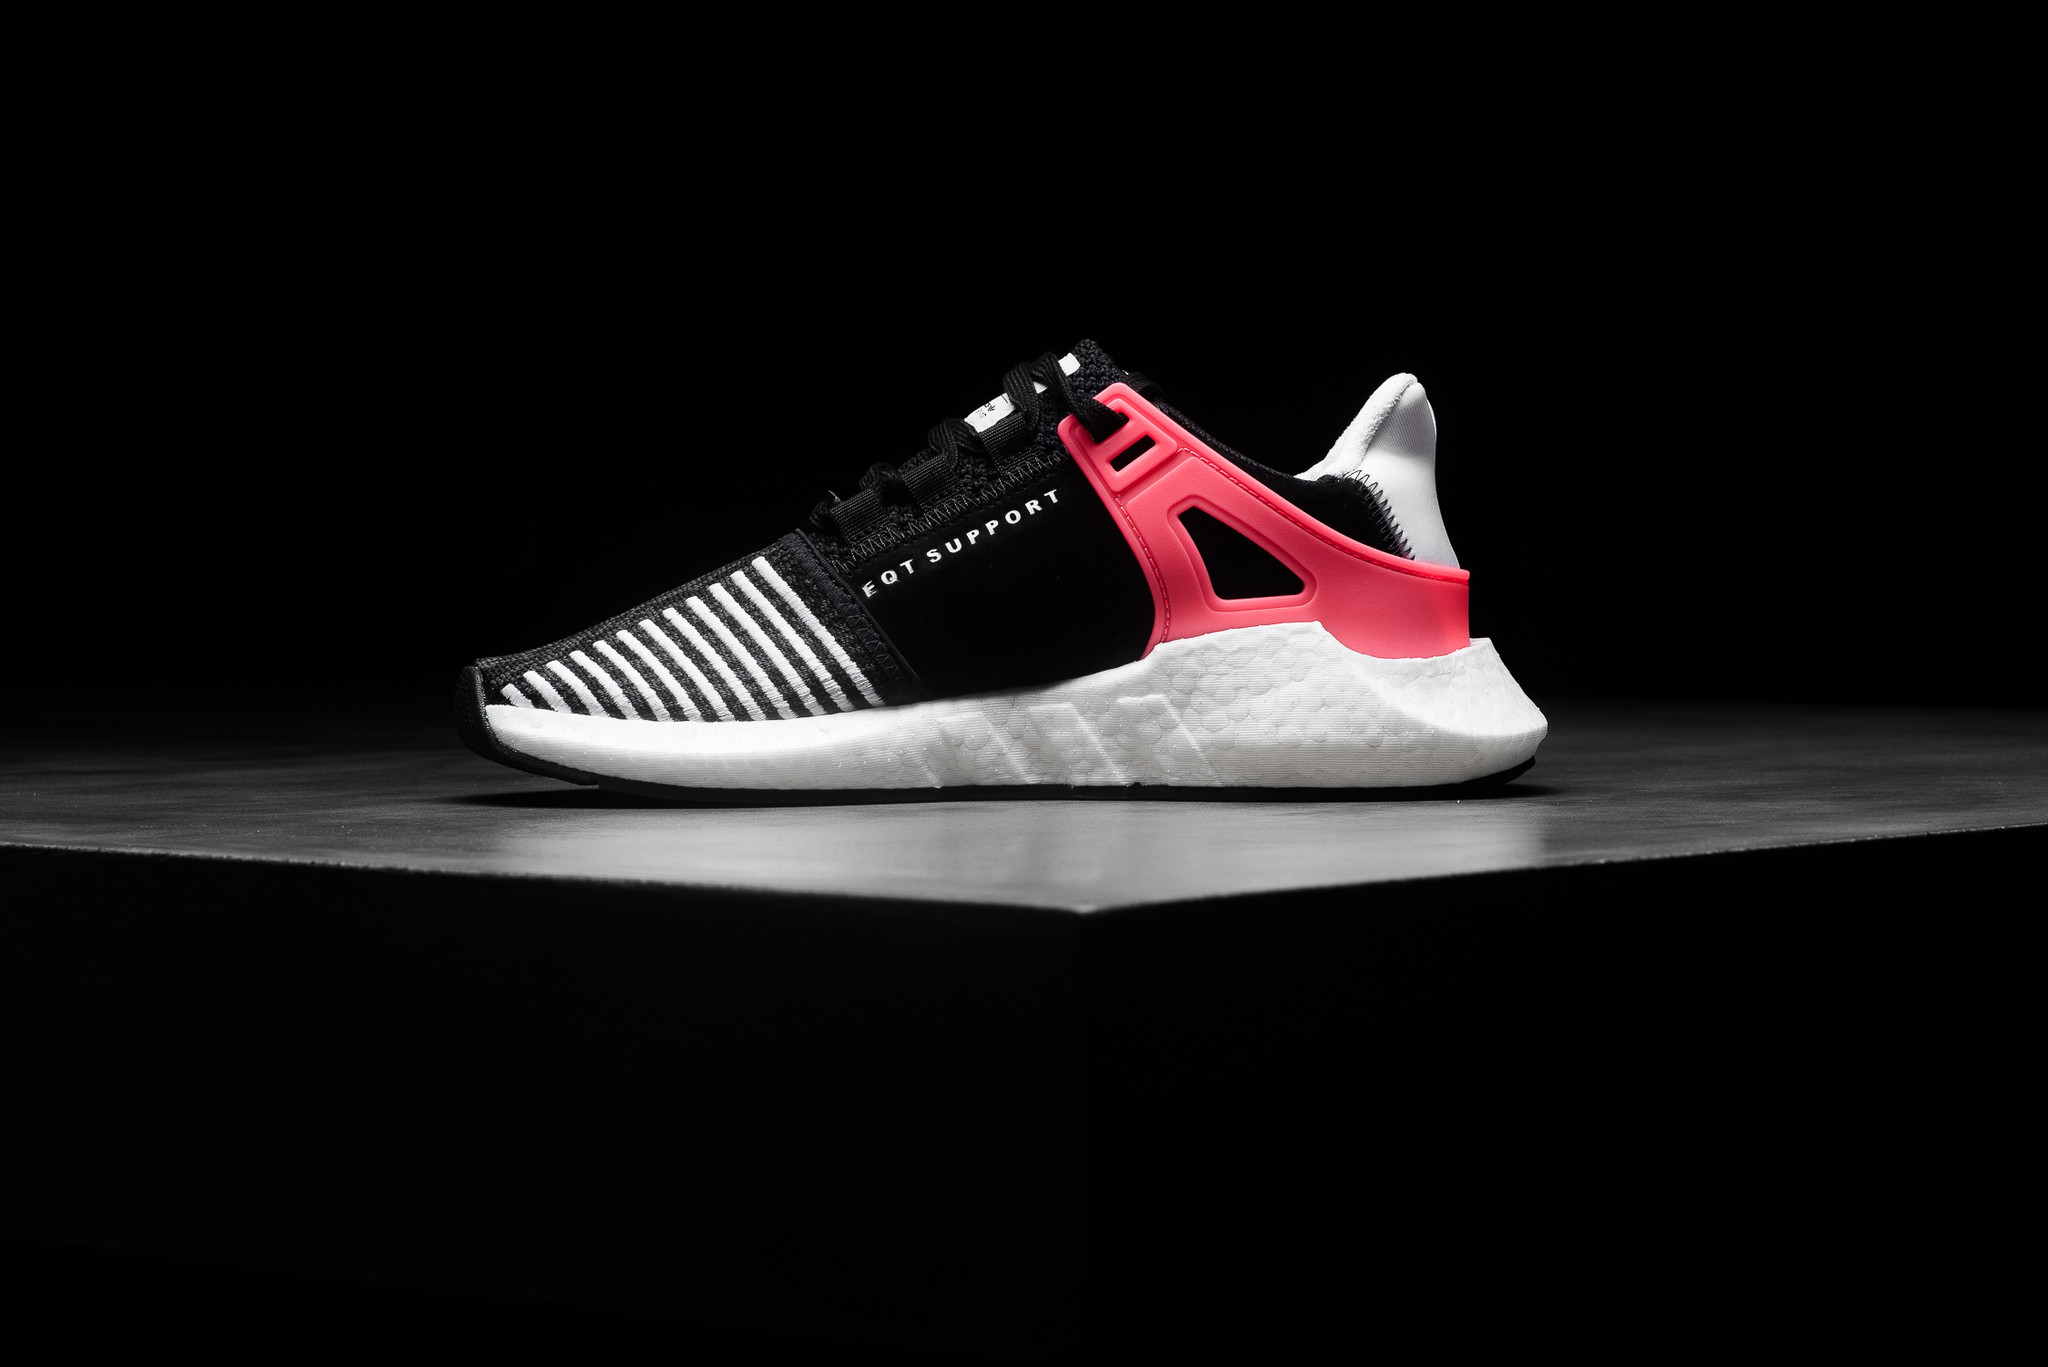 5 lý do bạn không thể bỏ qua adidas EQT nếu muốn mua giày mới ngay lúc này - Ảnh 10.